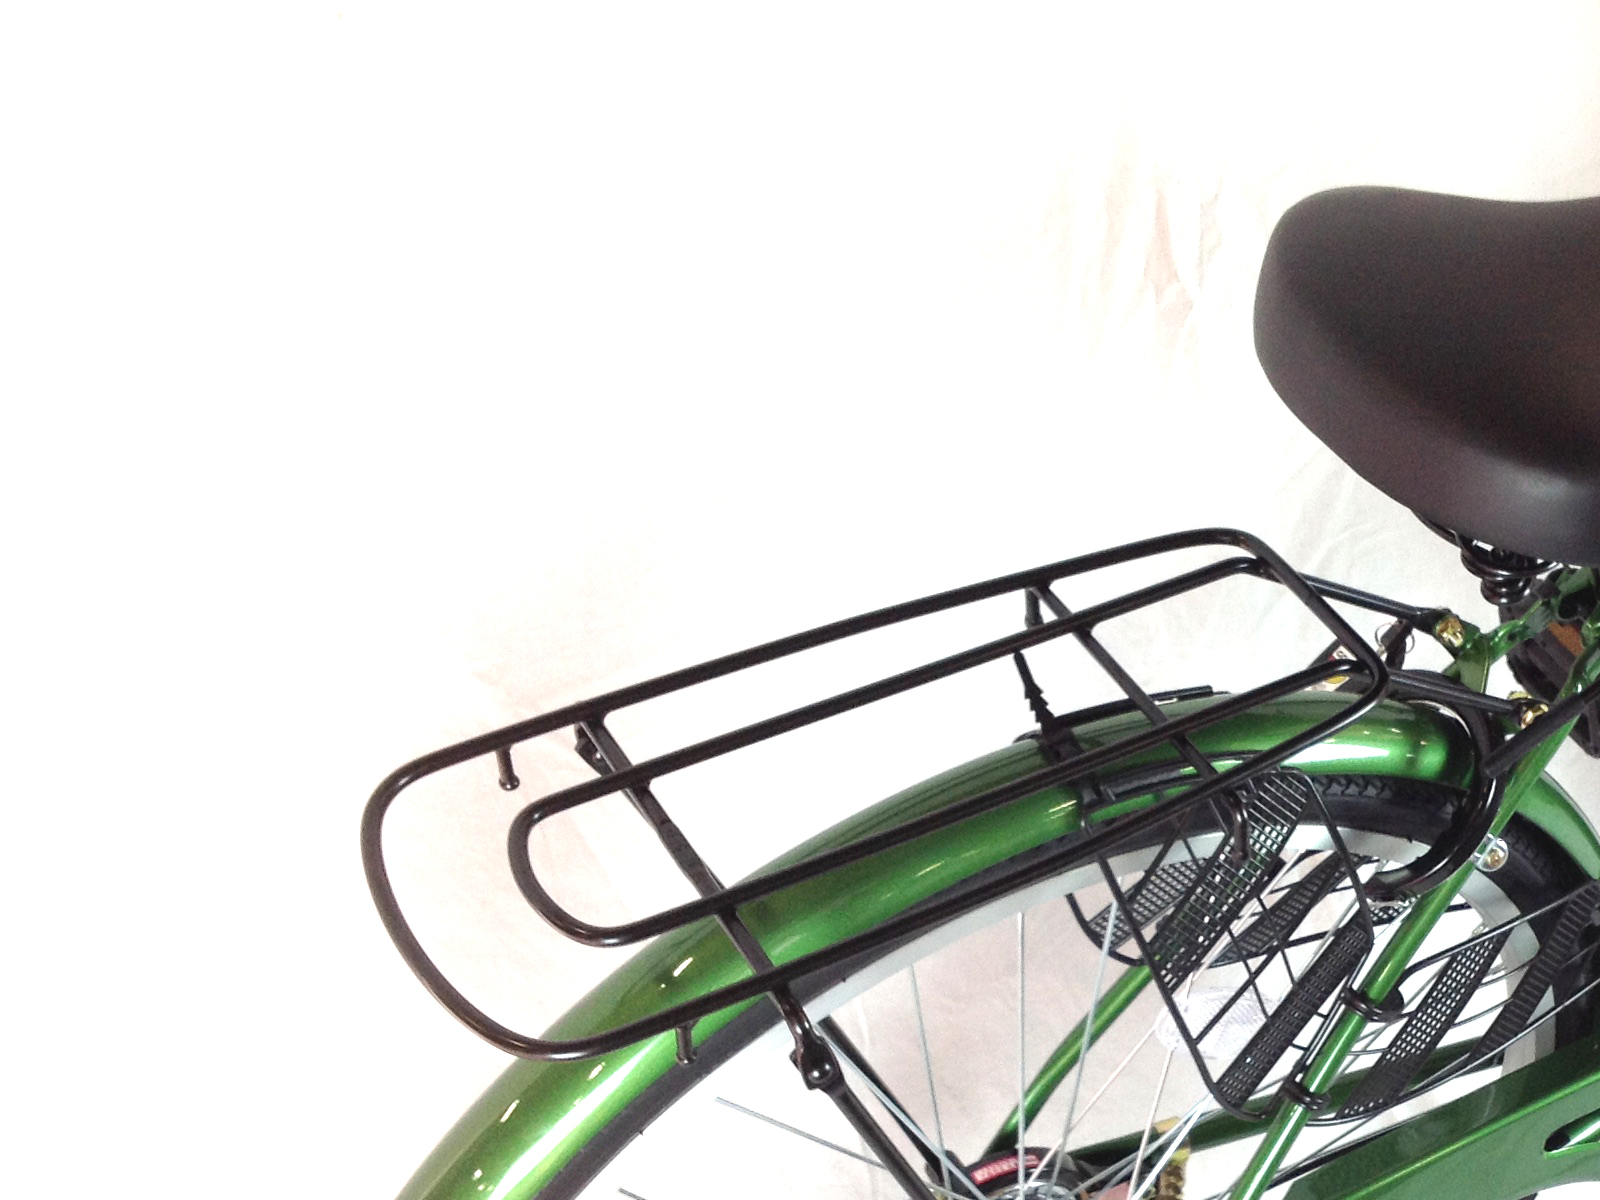 自転車 変速付き 通販 カゴ 自転車 dixhuit 配送先一都三県一部地域限定 軽快車 かわいいママチャリ 緑色 グリーン サントラスト カギ 激安 外装6段変速 6月初旬以降発送 26インチ つき 通学 6段ギア 女の子 自転車 6段変速ギア付き シマノ製 おしゃれ ママチャリ